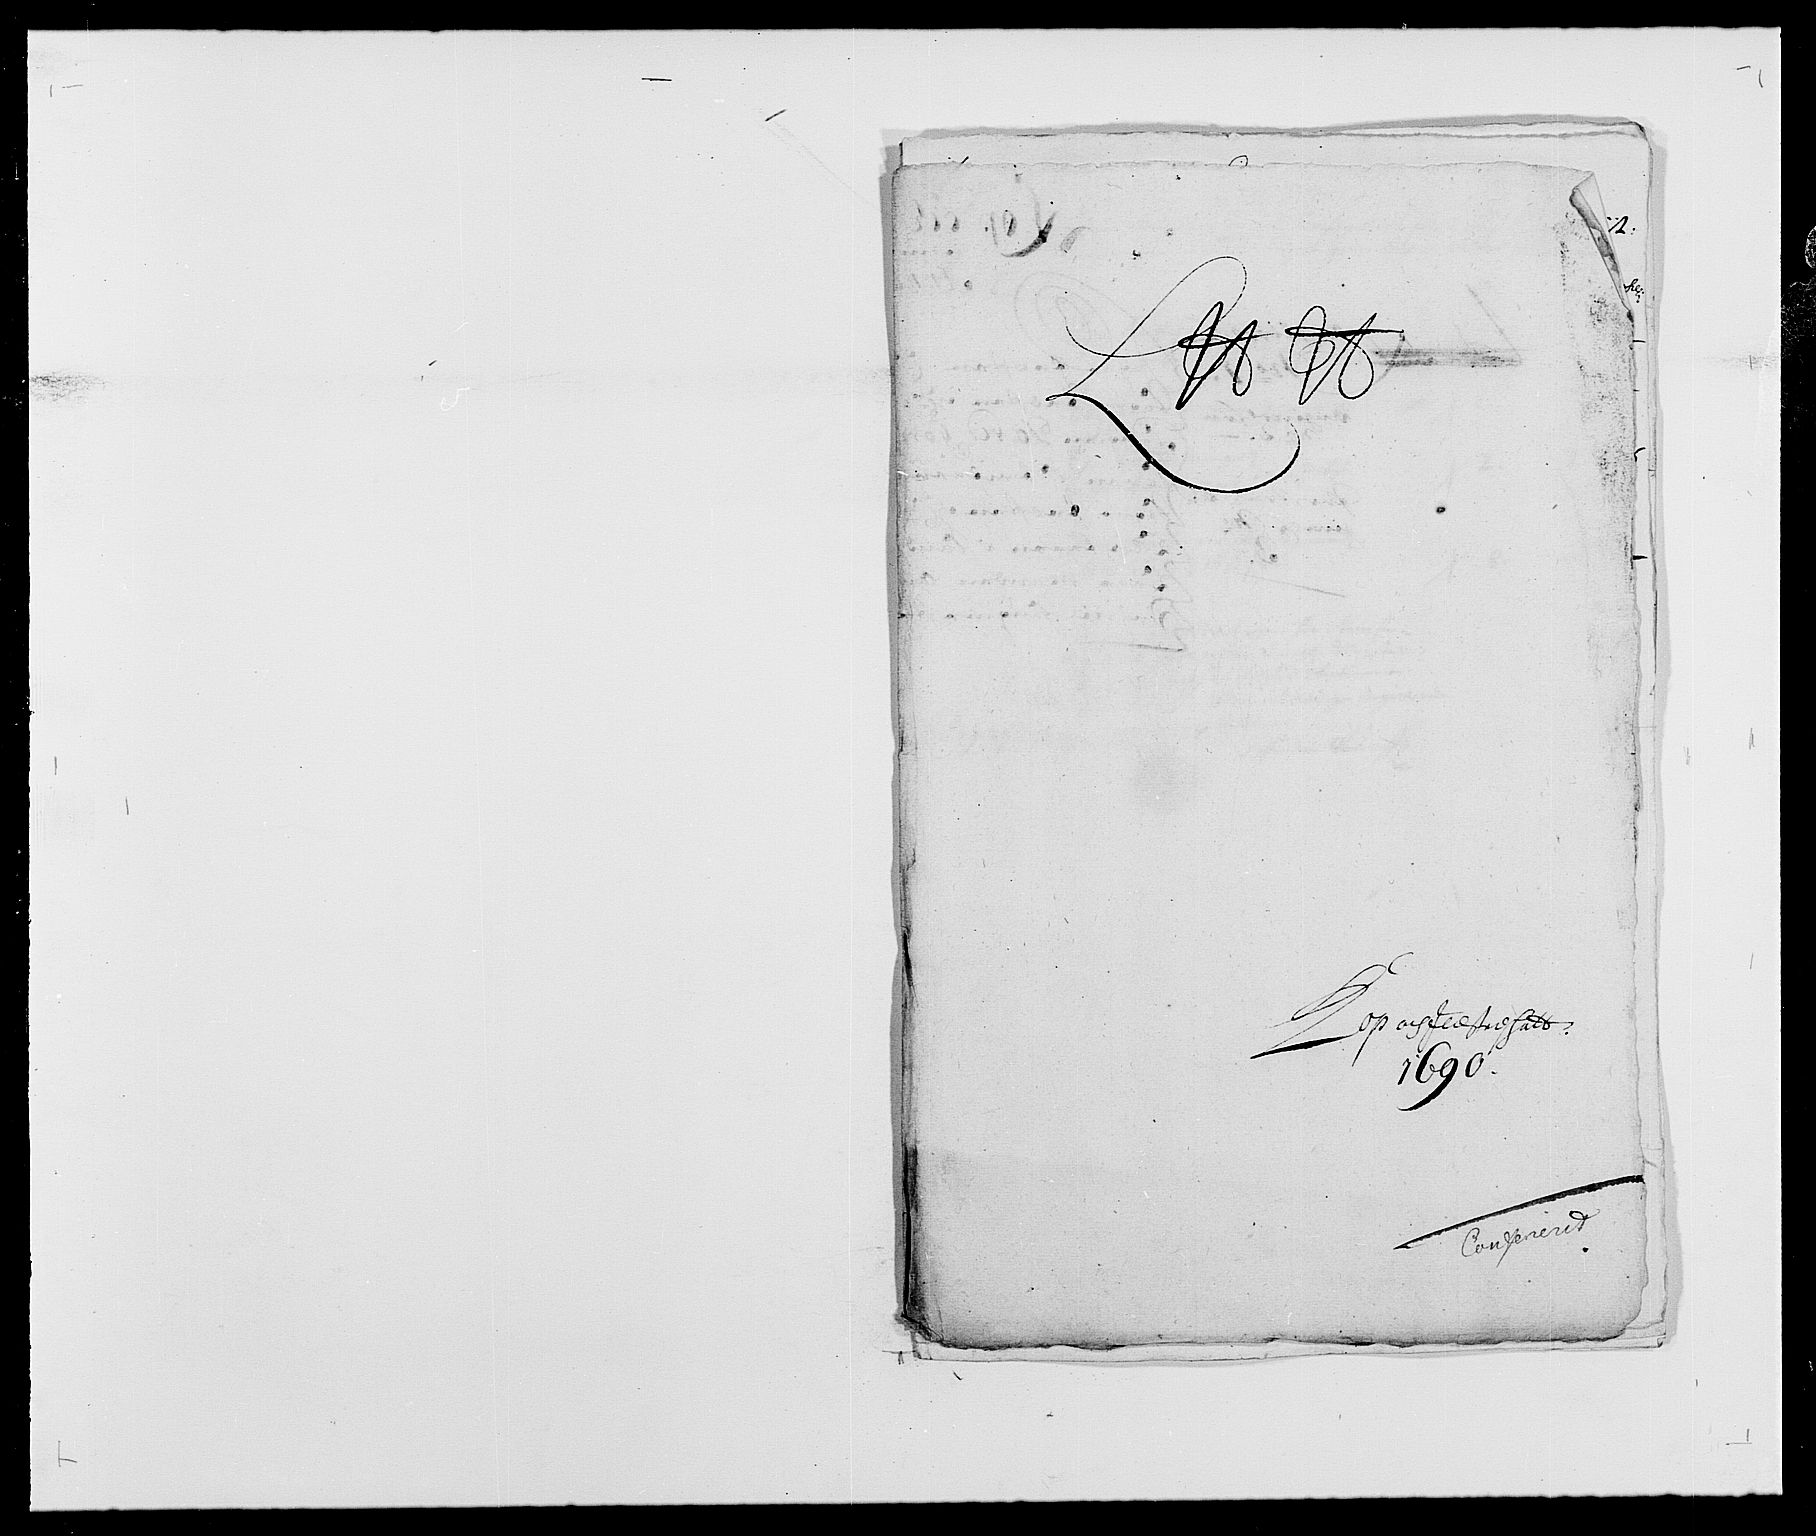 RA, Rentekammeret inntil 1814, Reviderte regnskaper, Fogderegnskap, R24/L1573: Fogderegnskap Numedal og Sandsvær, 1687-1691, s. 461